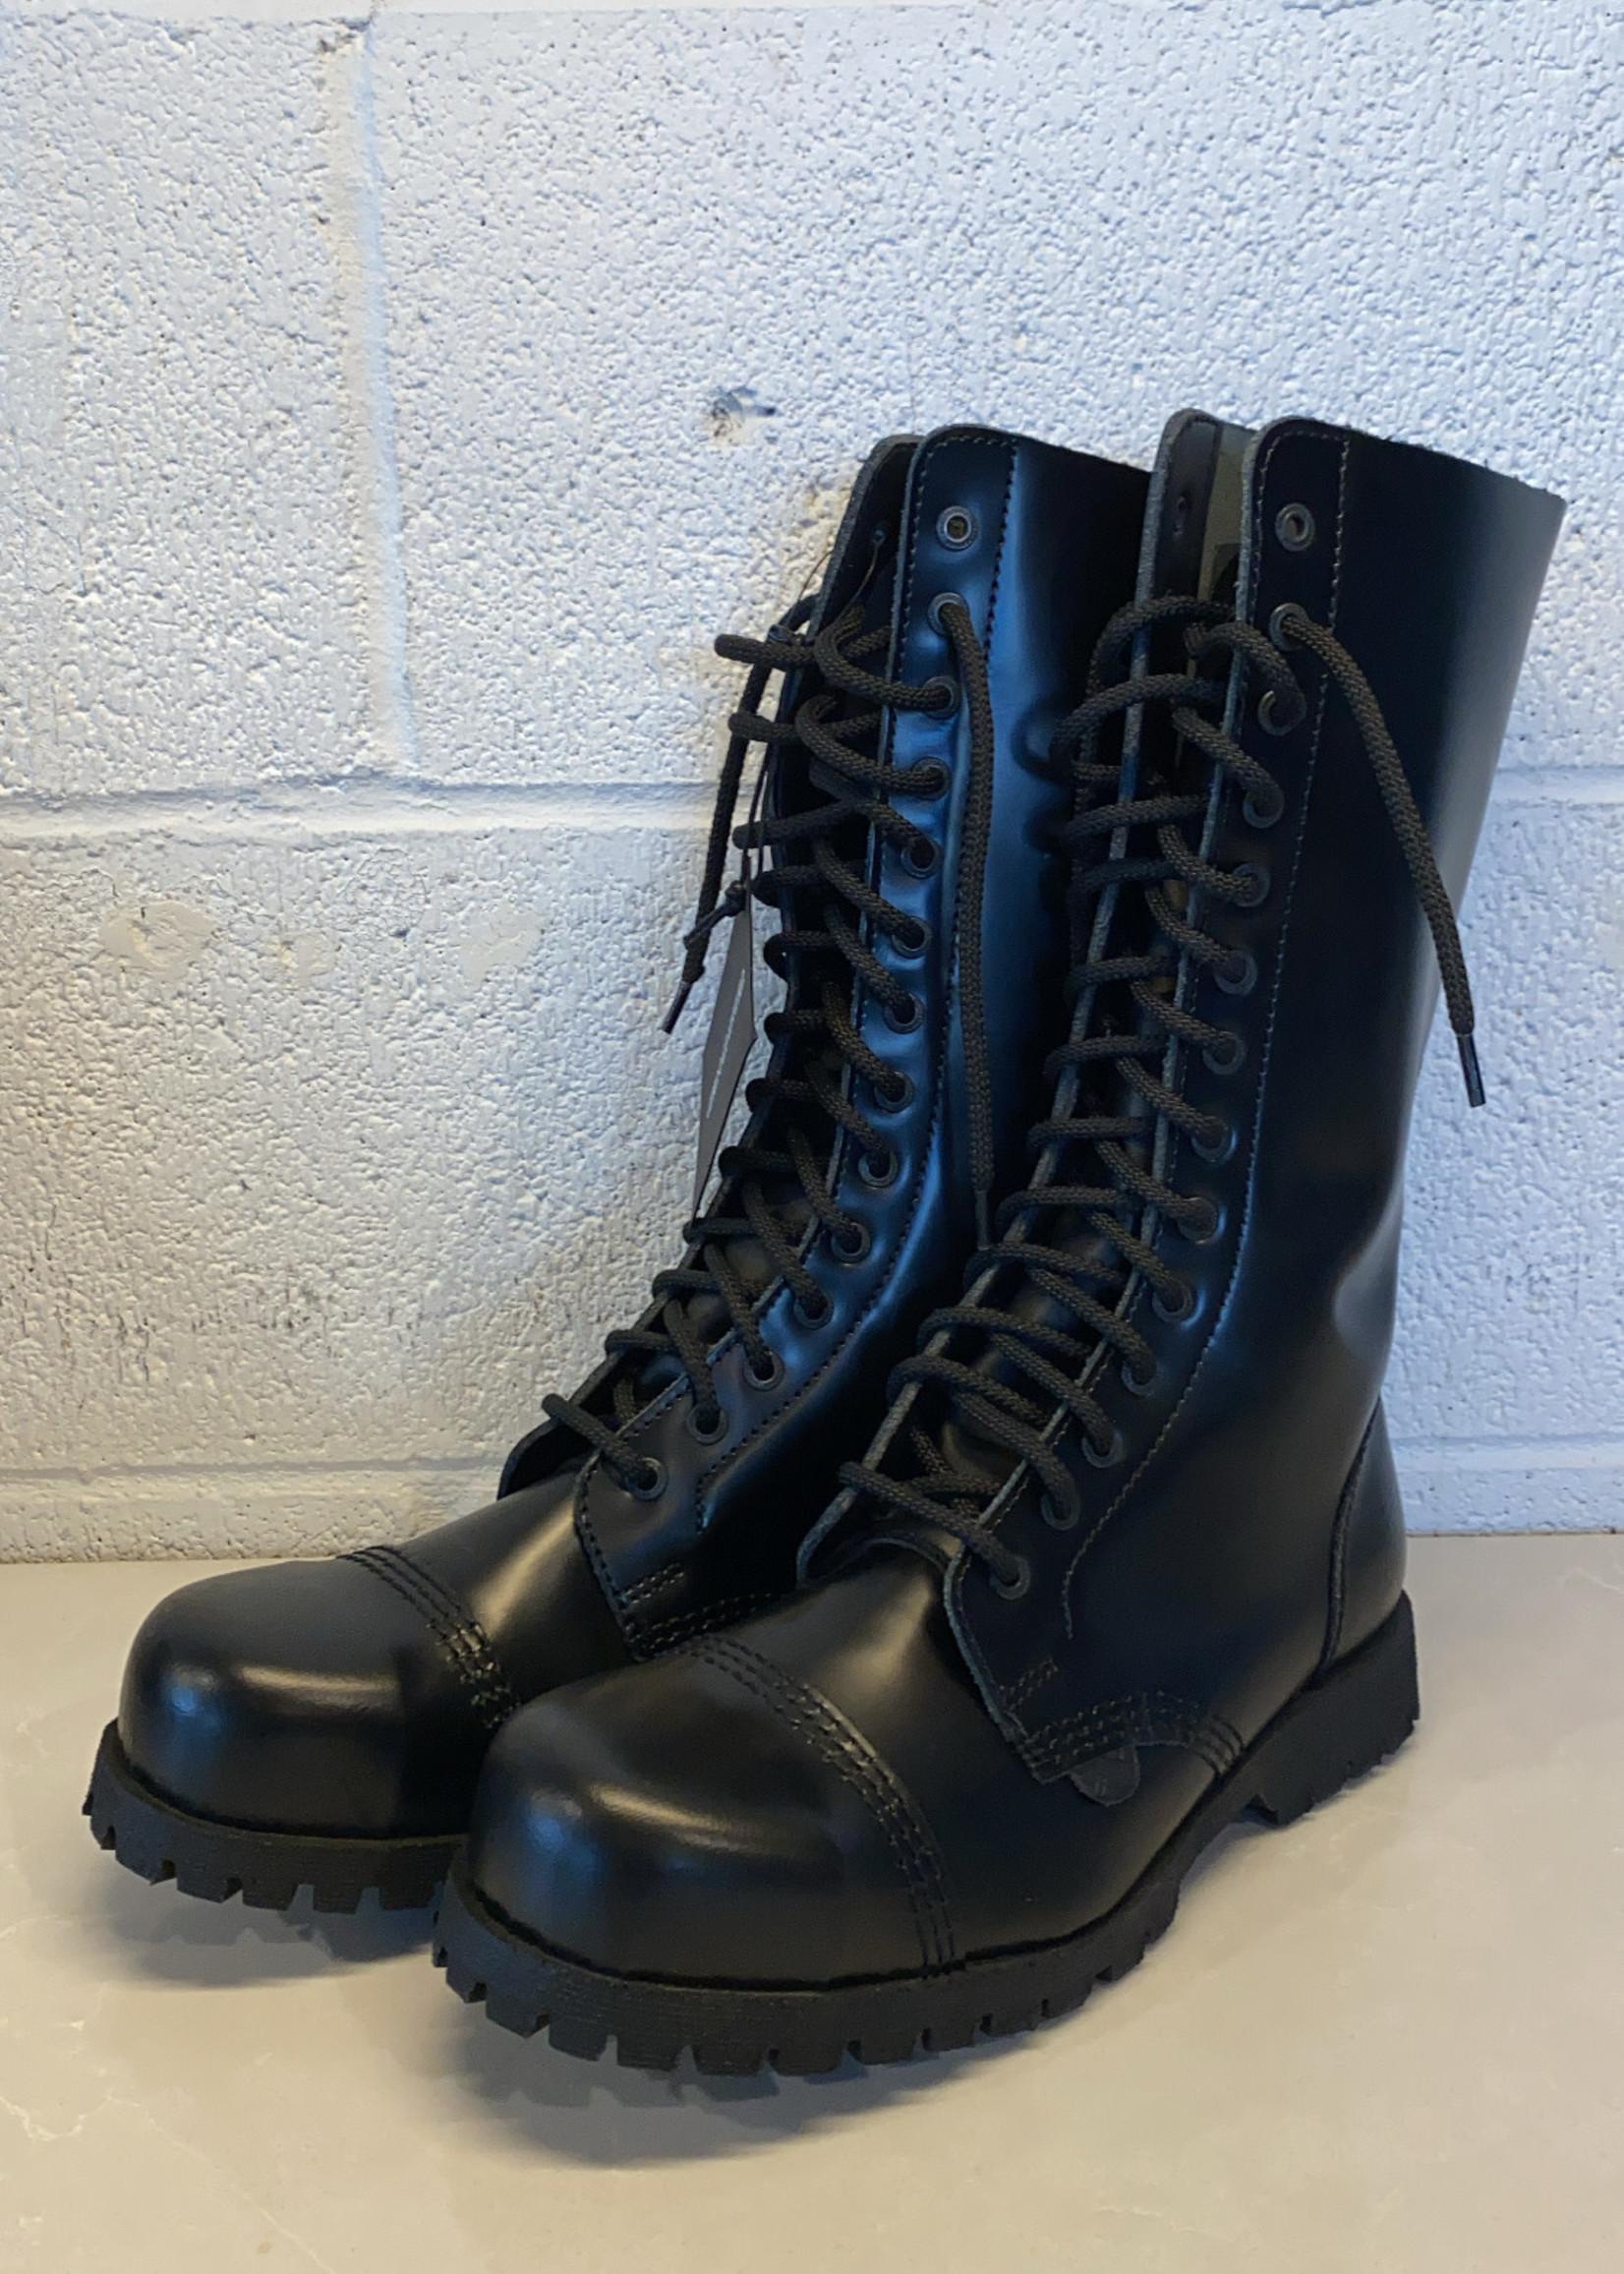 Underground New Ranger Steel Cap Boots 8 (Retail: $258.50)